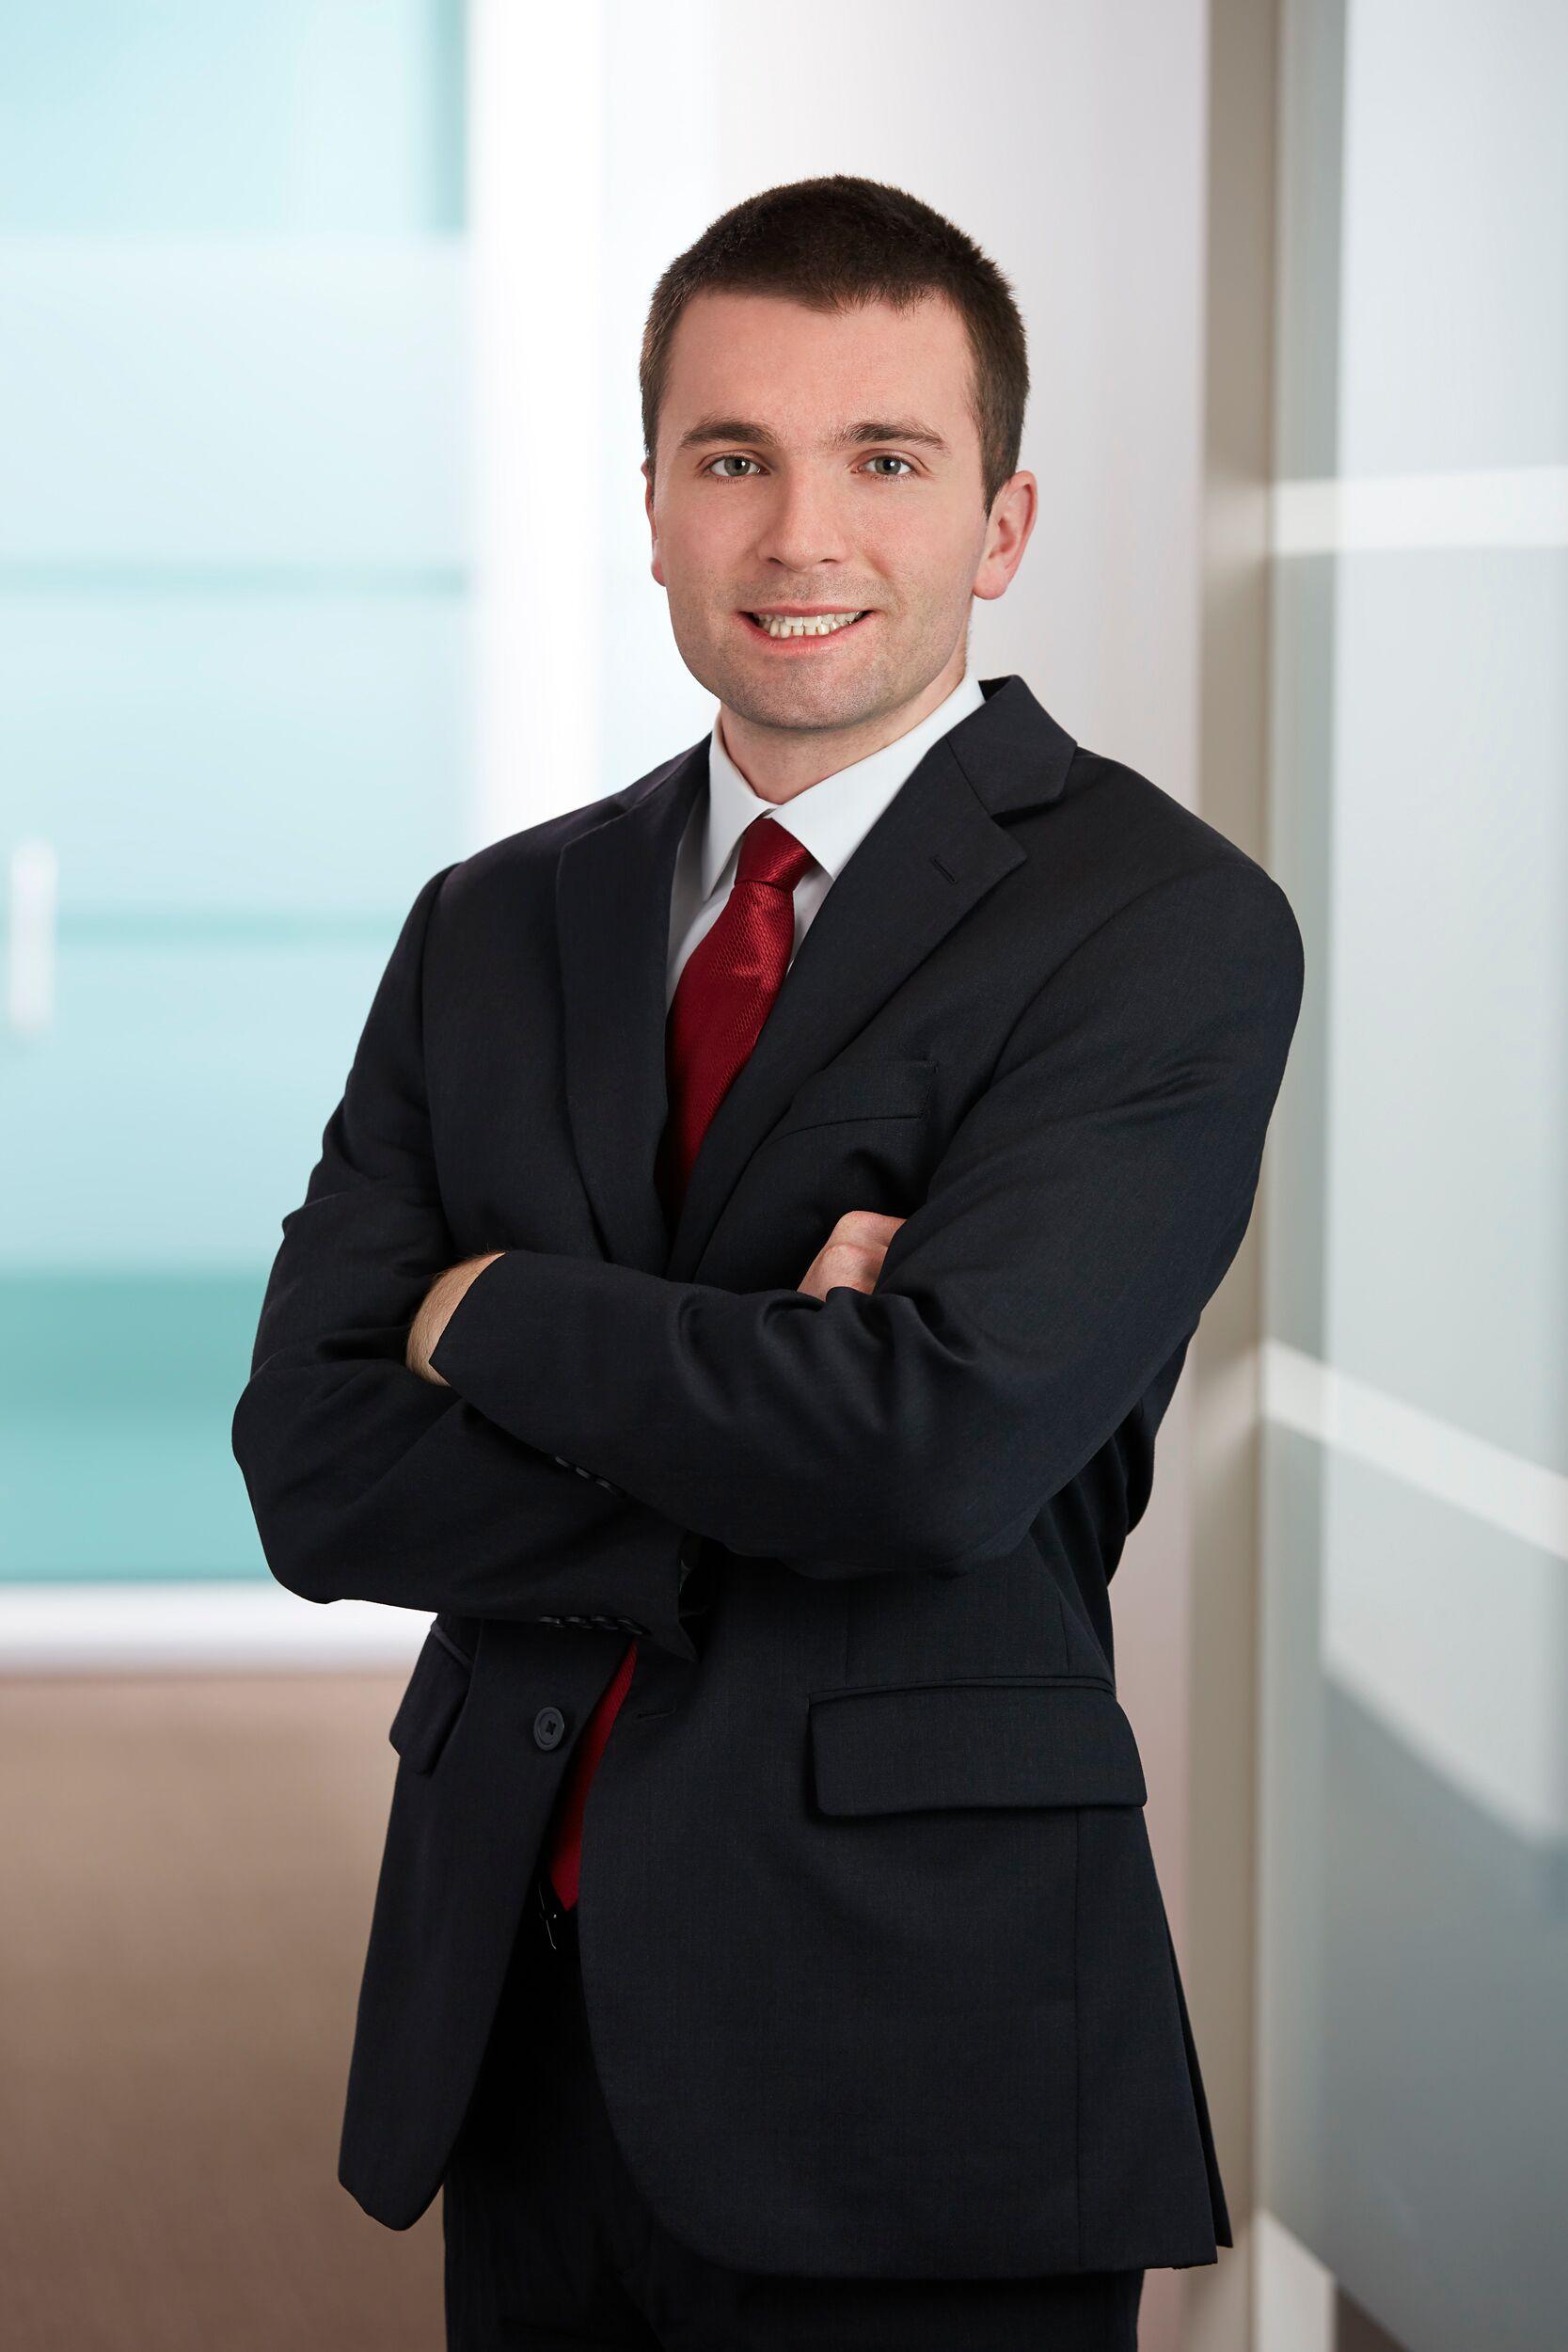 Jason Linger